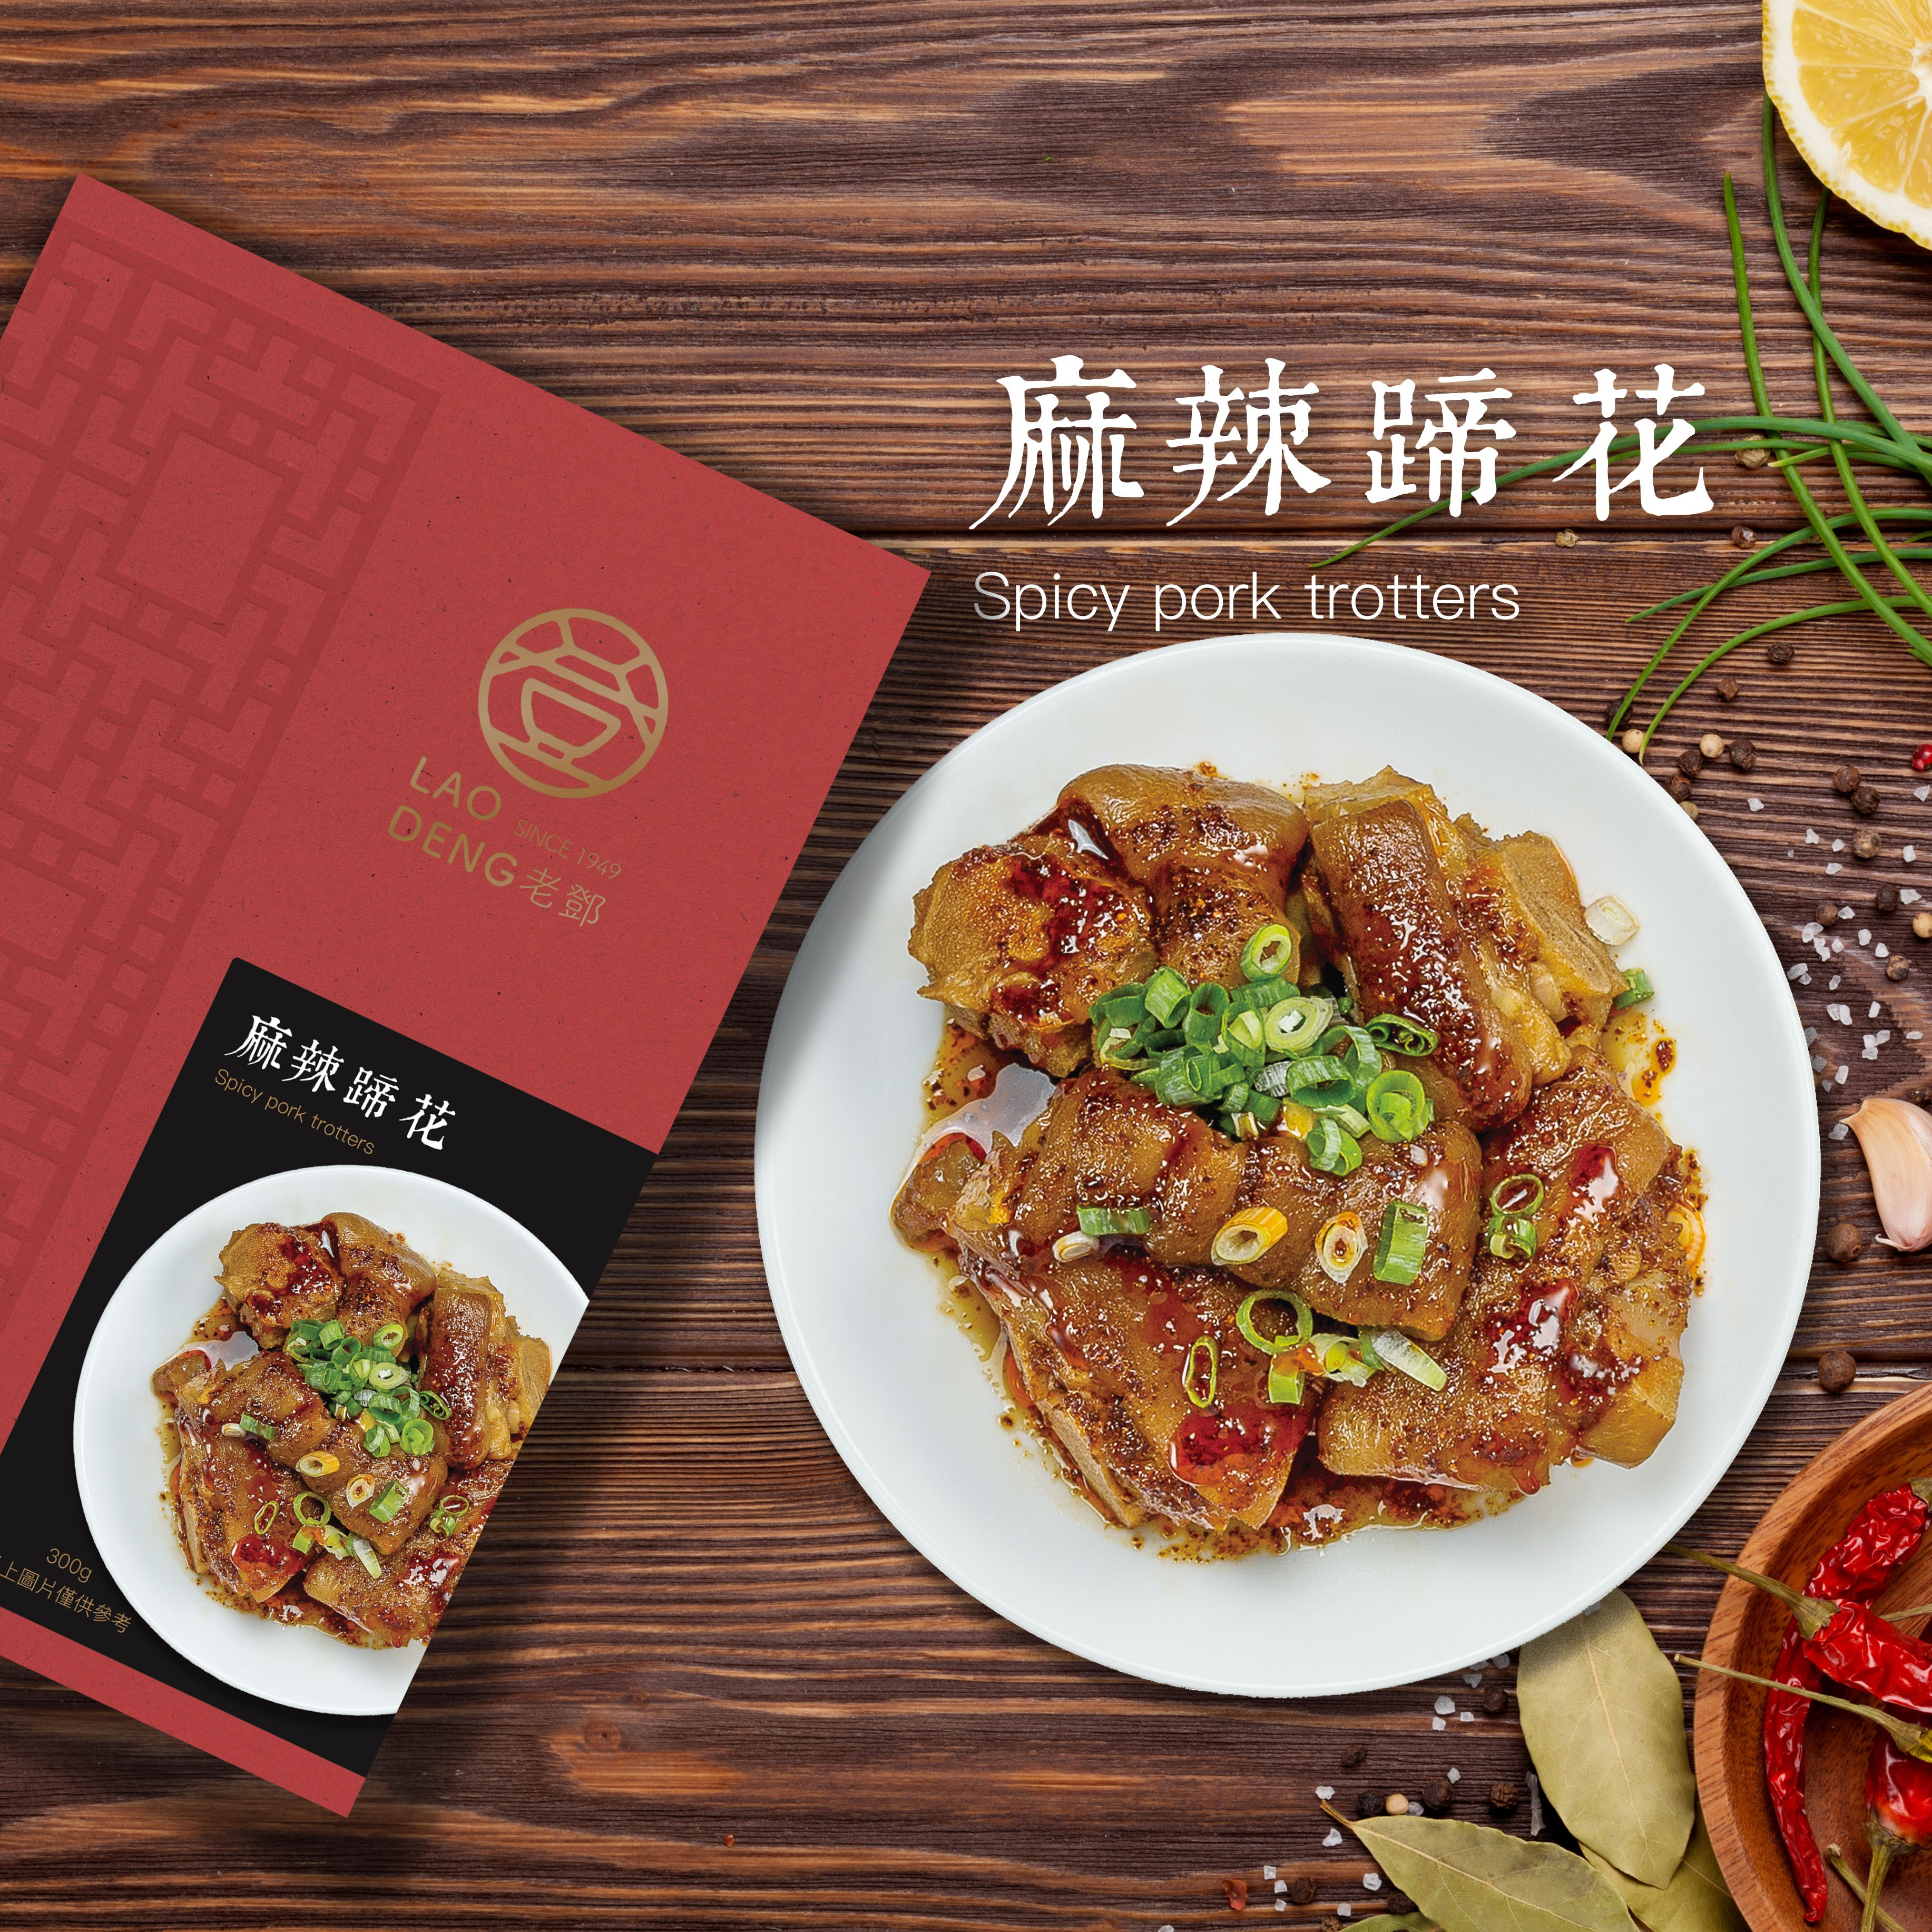 《老鄧 Lao Deng 1949》[經典小菜系列] 去骨麻辣蹄花